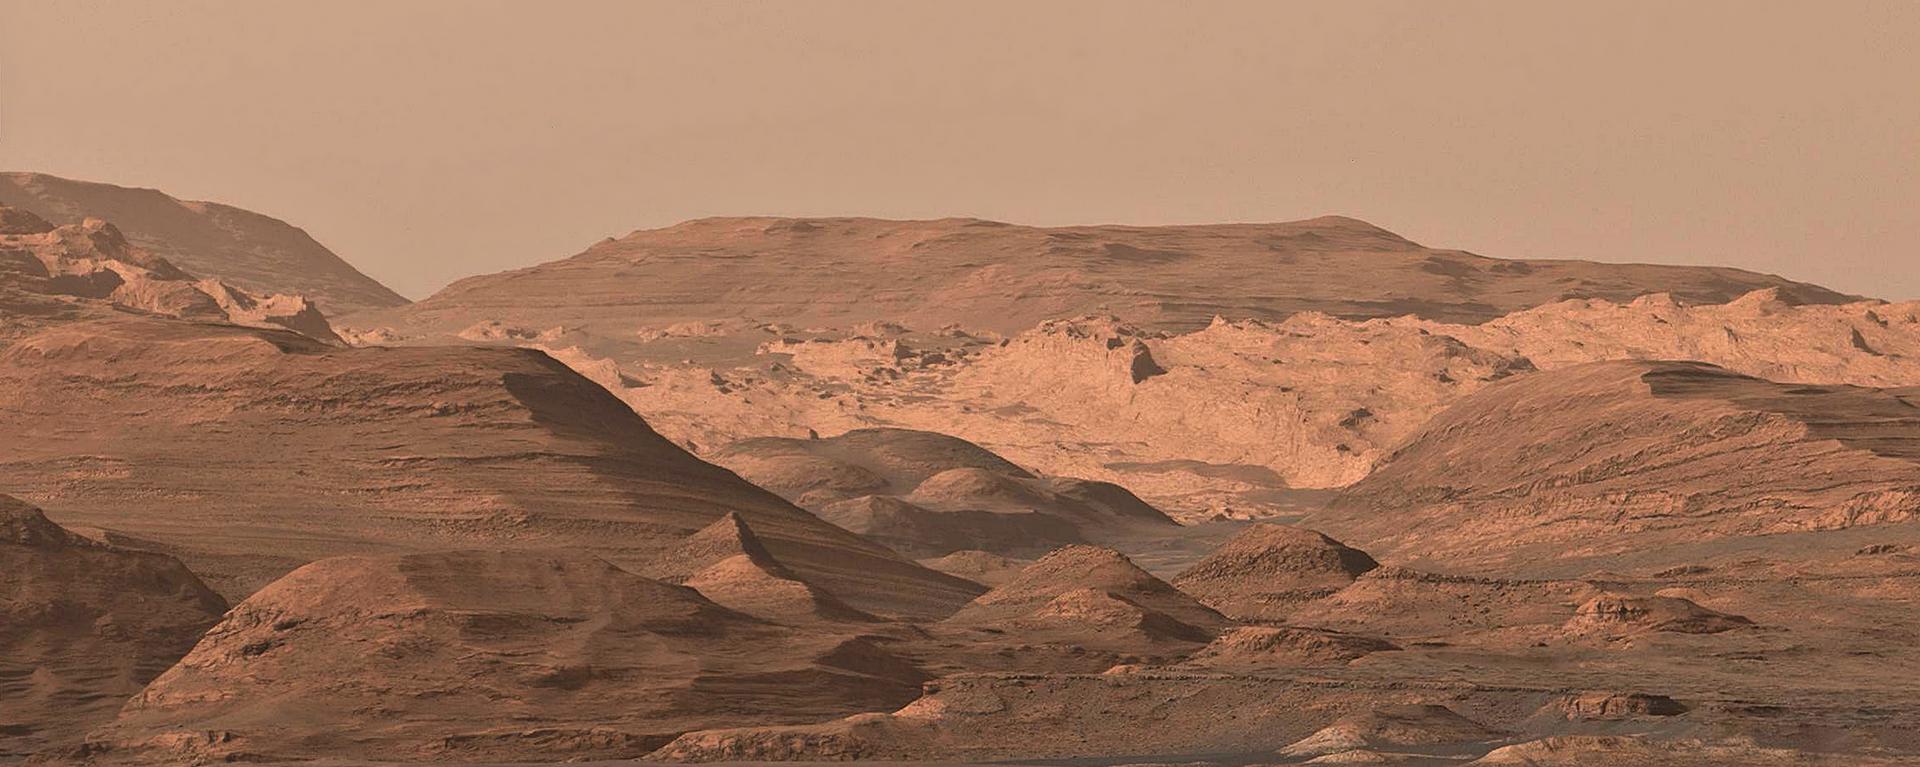 Marte in 4K - Sputnik Italia, 1920, 23.02.2021